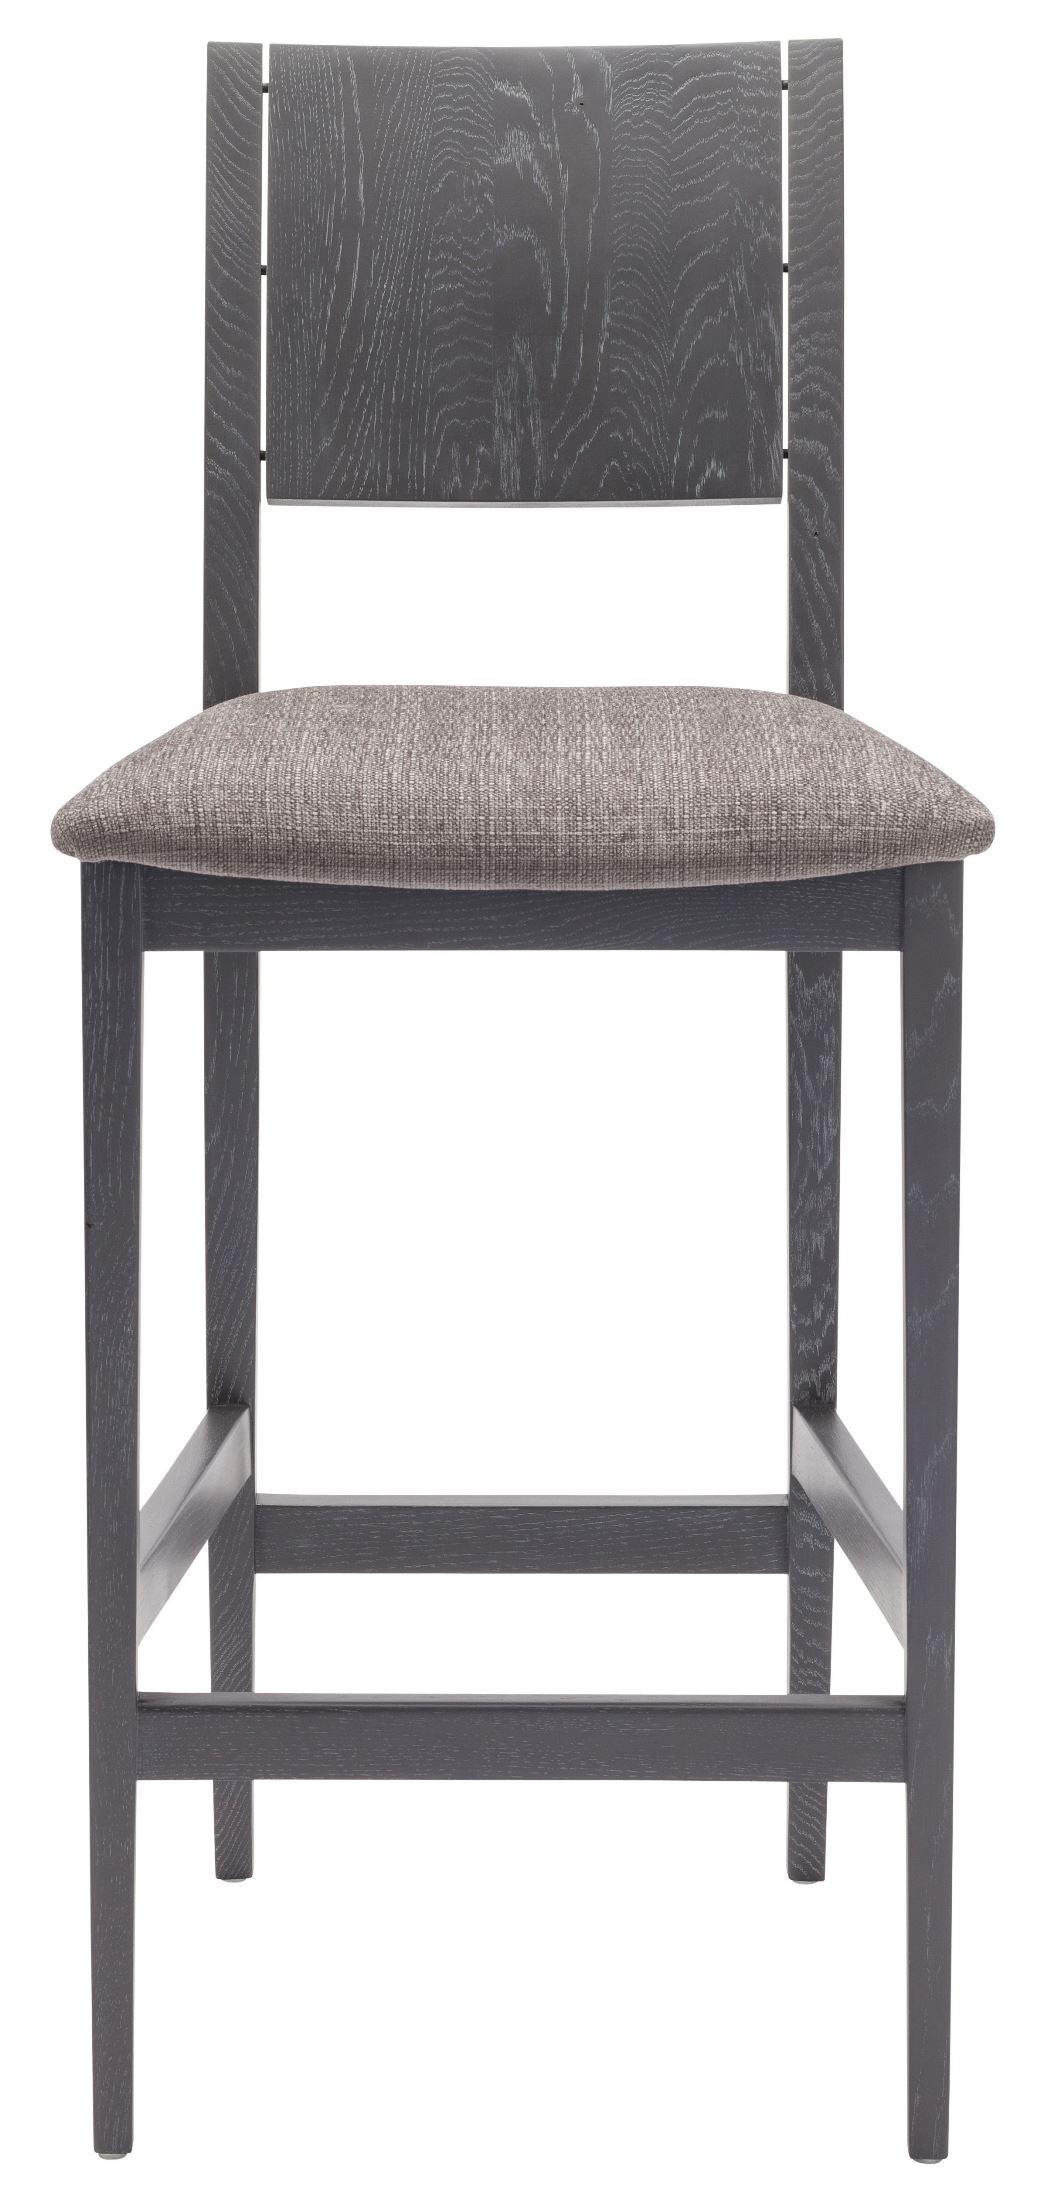 Eska Dark Grey Fabric Counter Stool Hgsr576 Nuevo